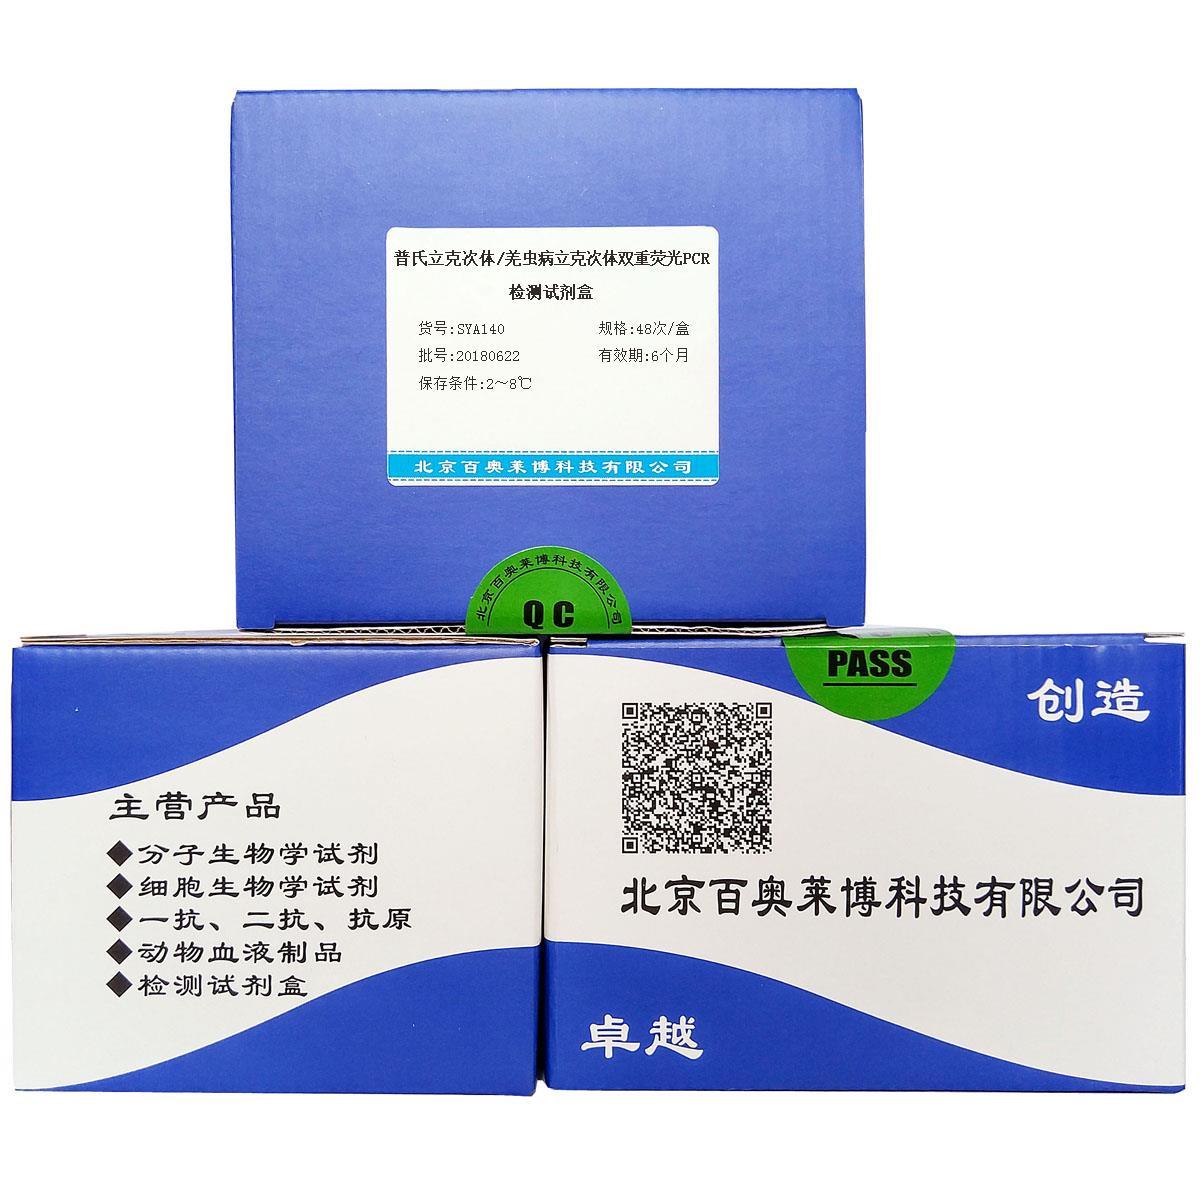 北京现货普氏立克次体/羌虫病立克次体双重荧光PCR检测试剂盒厂家